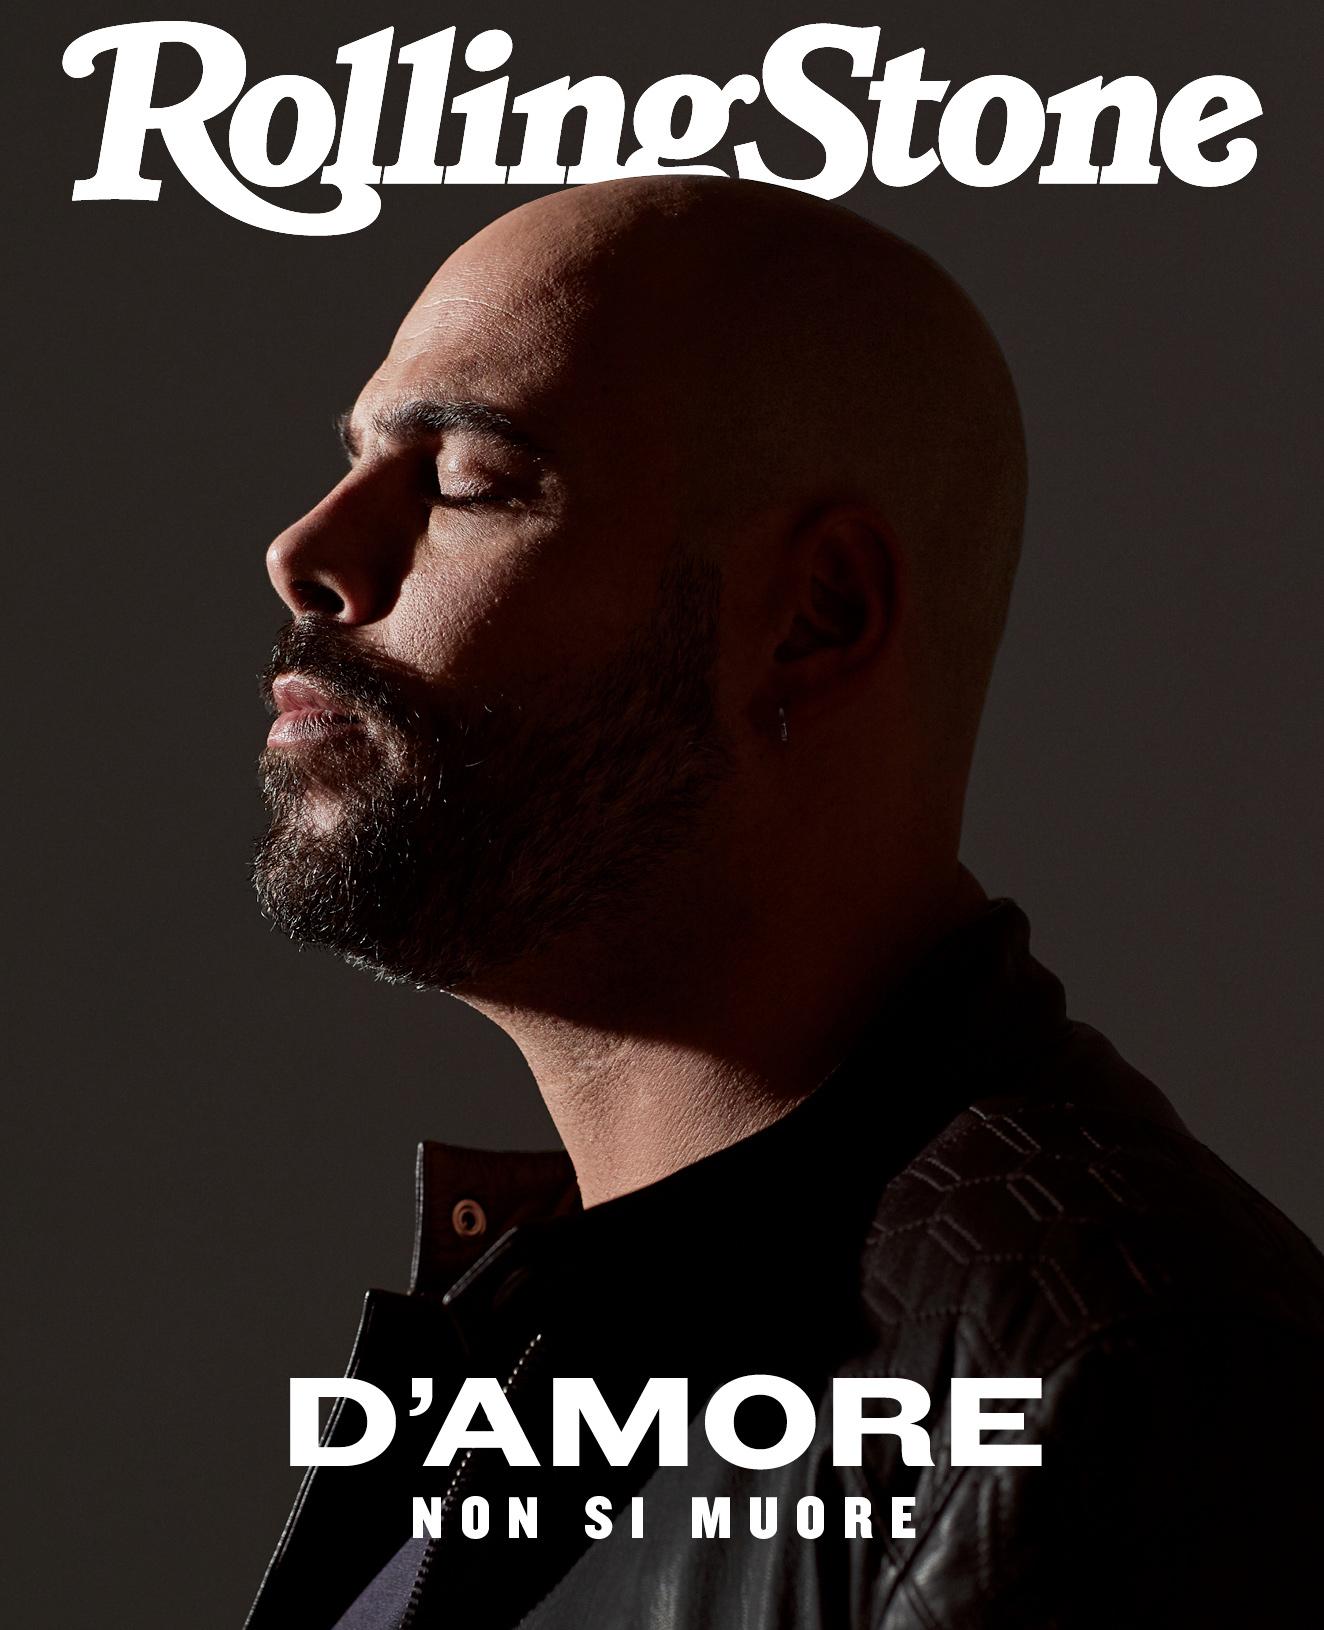 Marco D'Amore sulla digital cover di Rolling Stone - foto Roberto Patella, styling Lisa Tedeschini, makeup Simone Piacenti